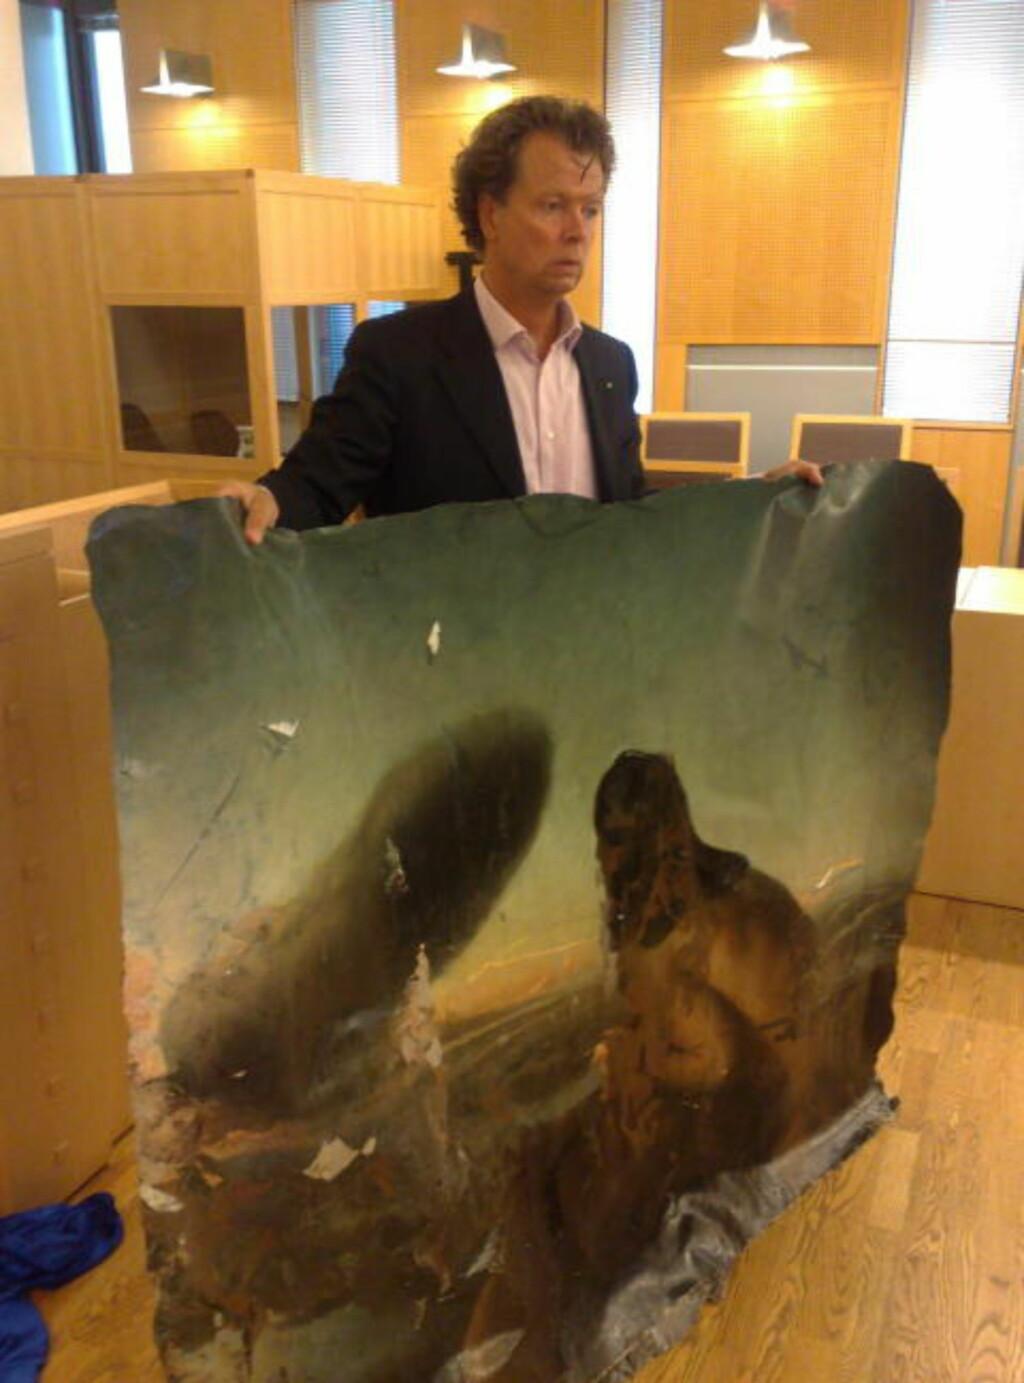 ØDELAGT: «Skyen» ble malt i 1985 og er regnet som et av Norges viktigste kunstverk. Nå er det ødelagt, på grunn av en skjebnesvanger oljeblanding. Dette var et av bevisene som ble lagt fram i tingretten av Per Trygve Lundgren. Foto: Jonas Pettersen